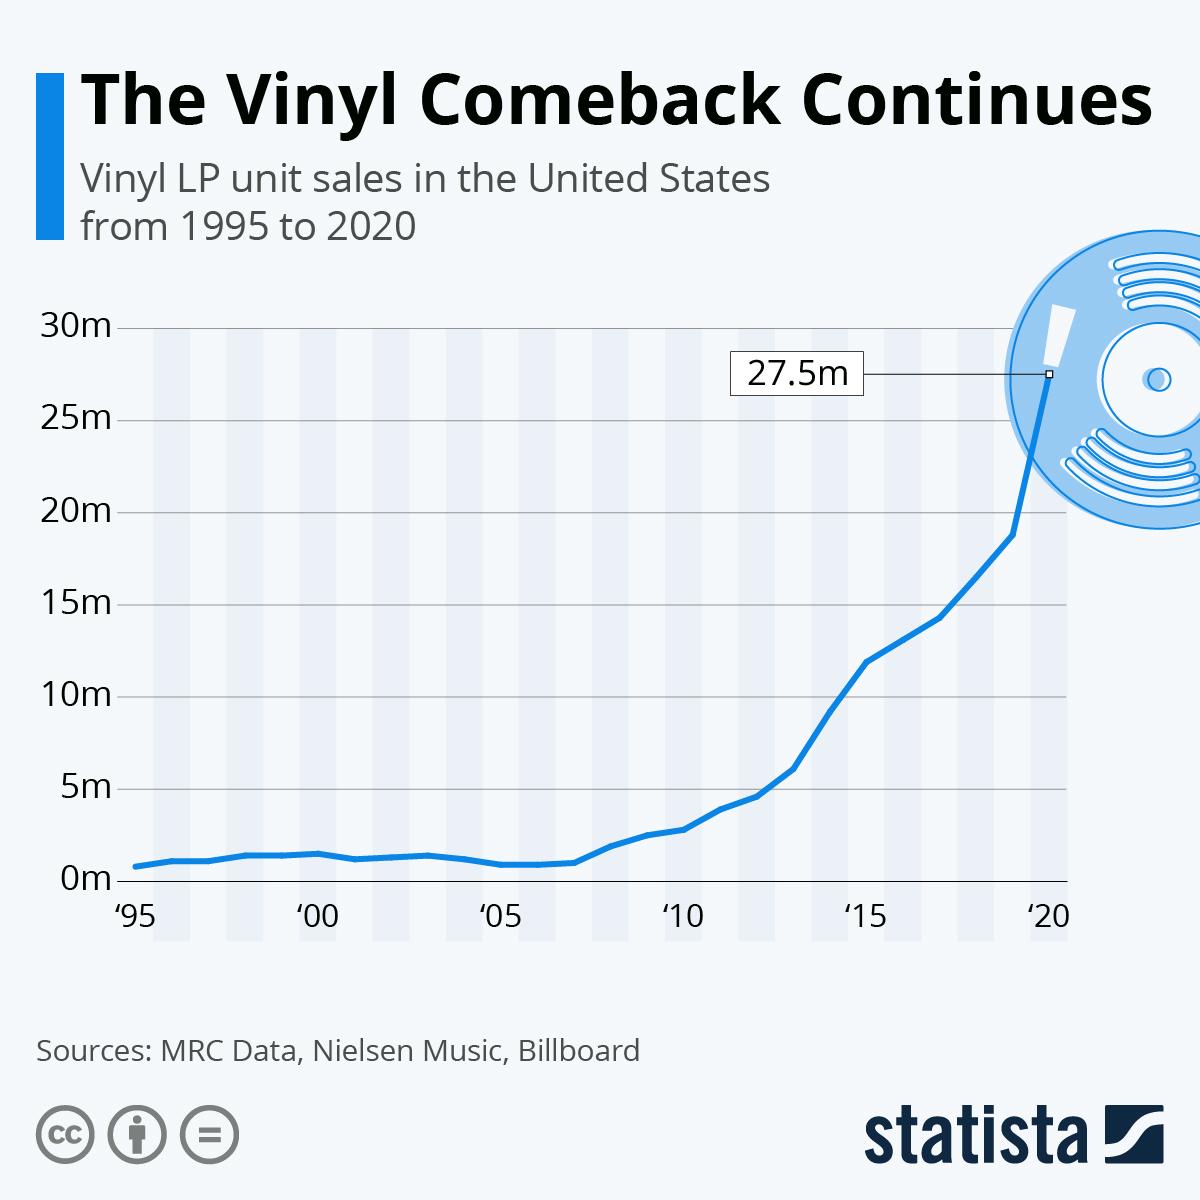 The vinyl comeback